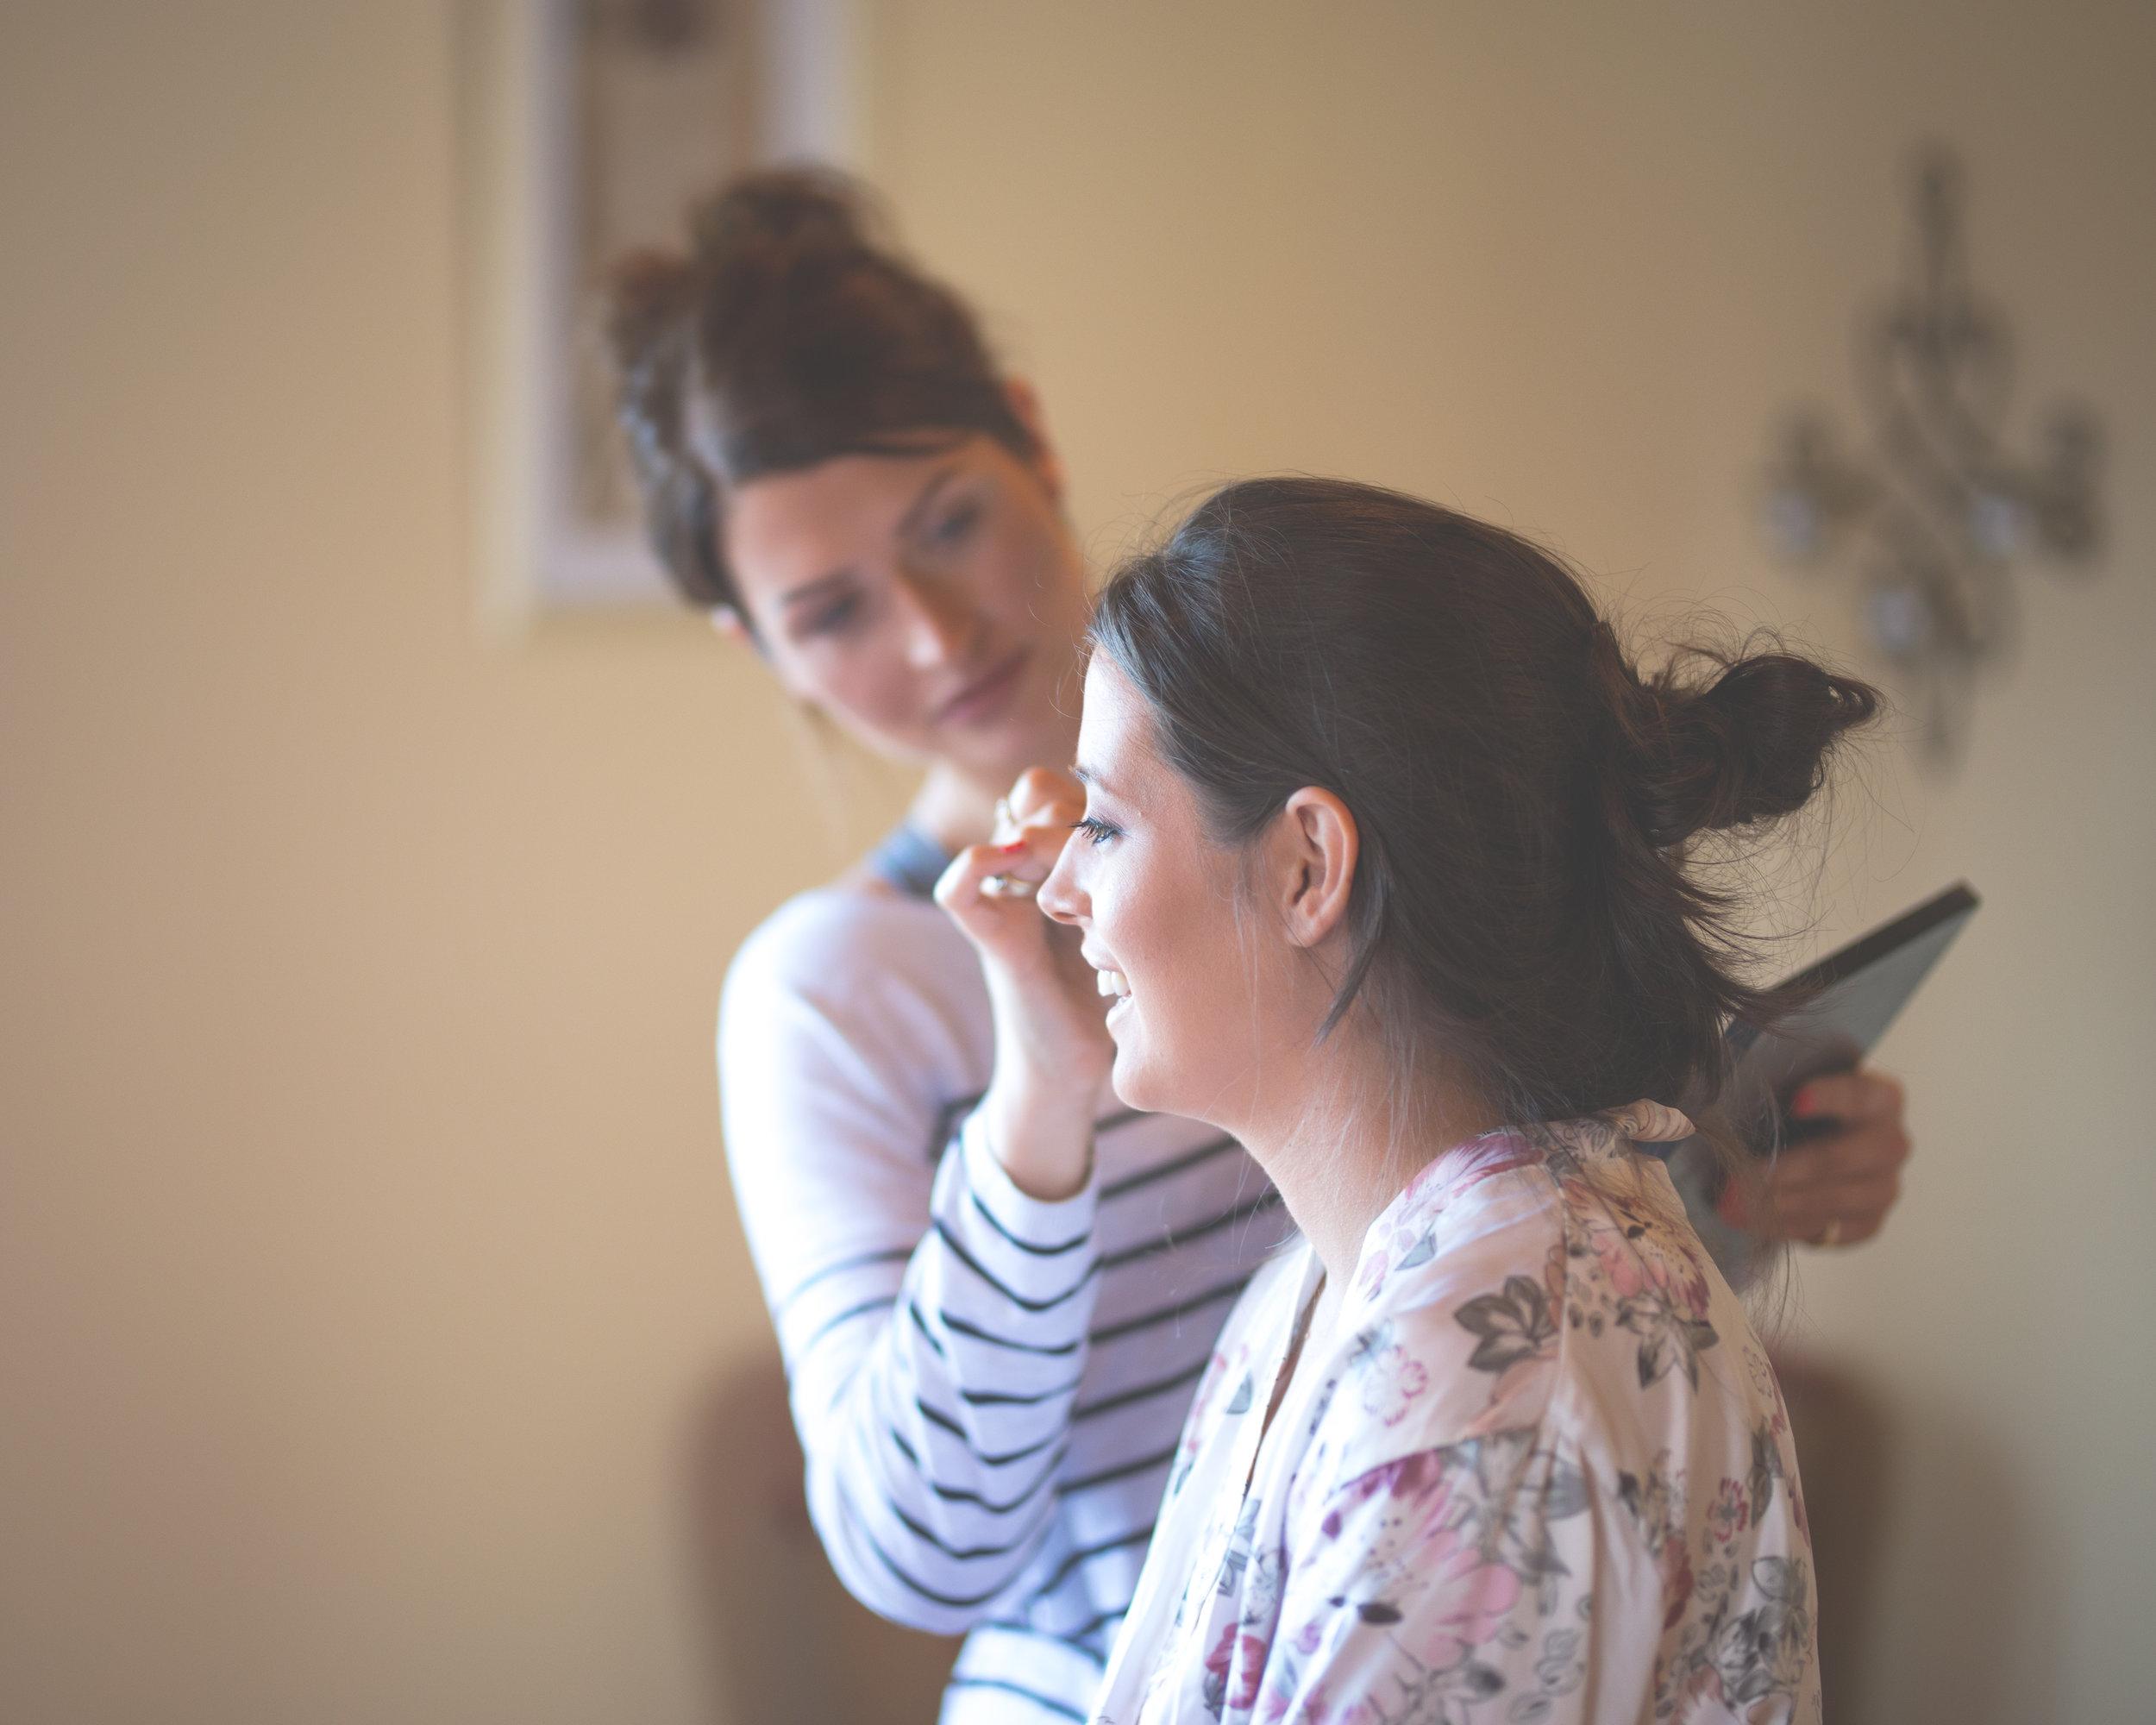 Brian McEwan Wedding Photography | Carol-Anne & Sean | Bridal Preparations-32.jpg